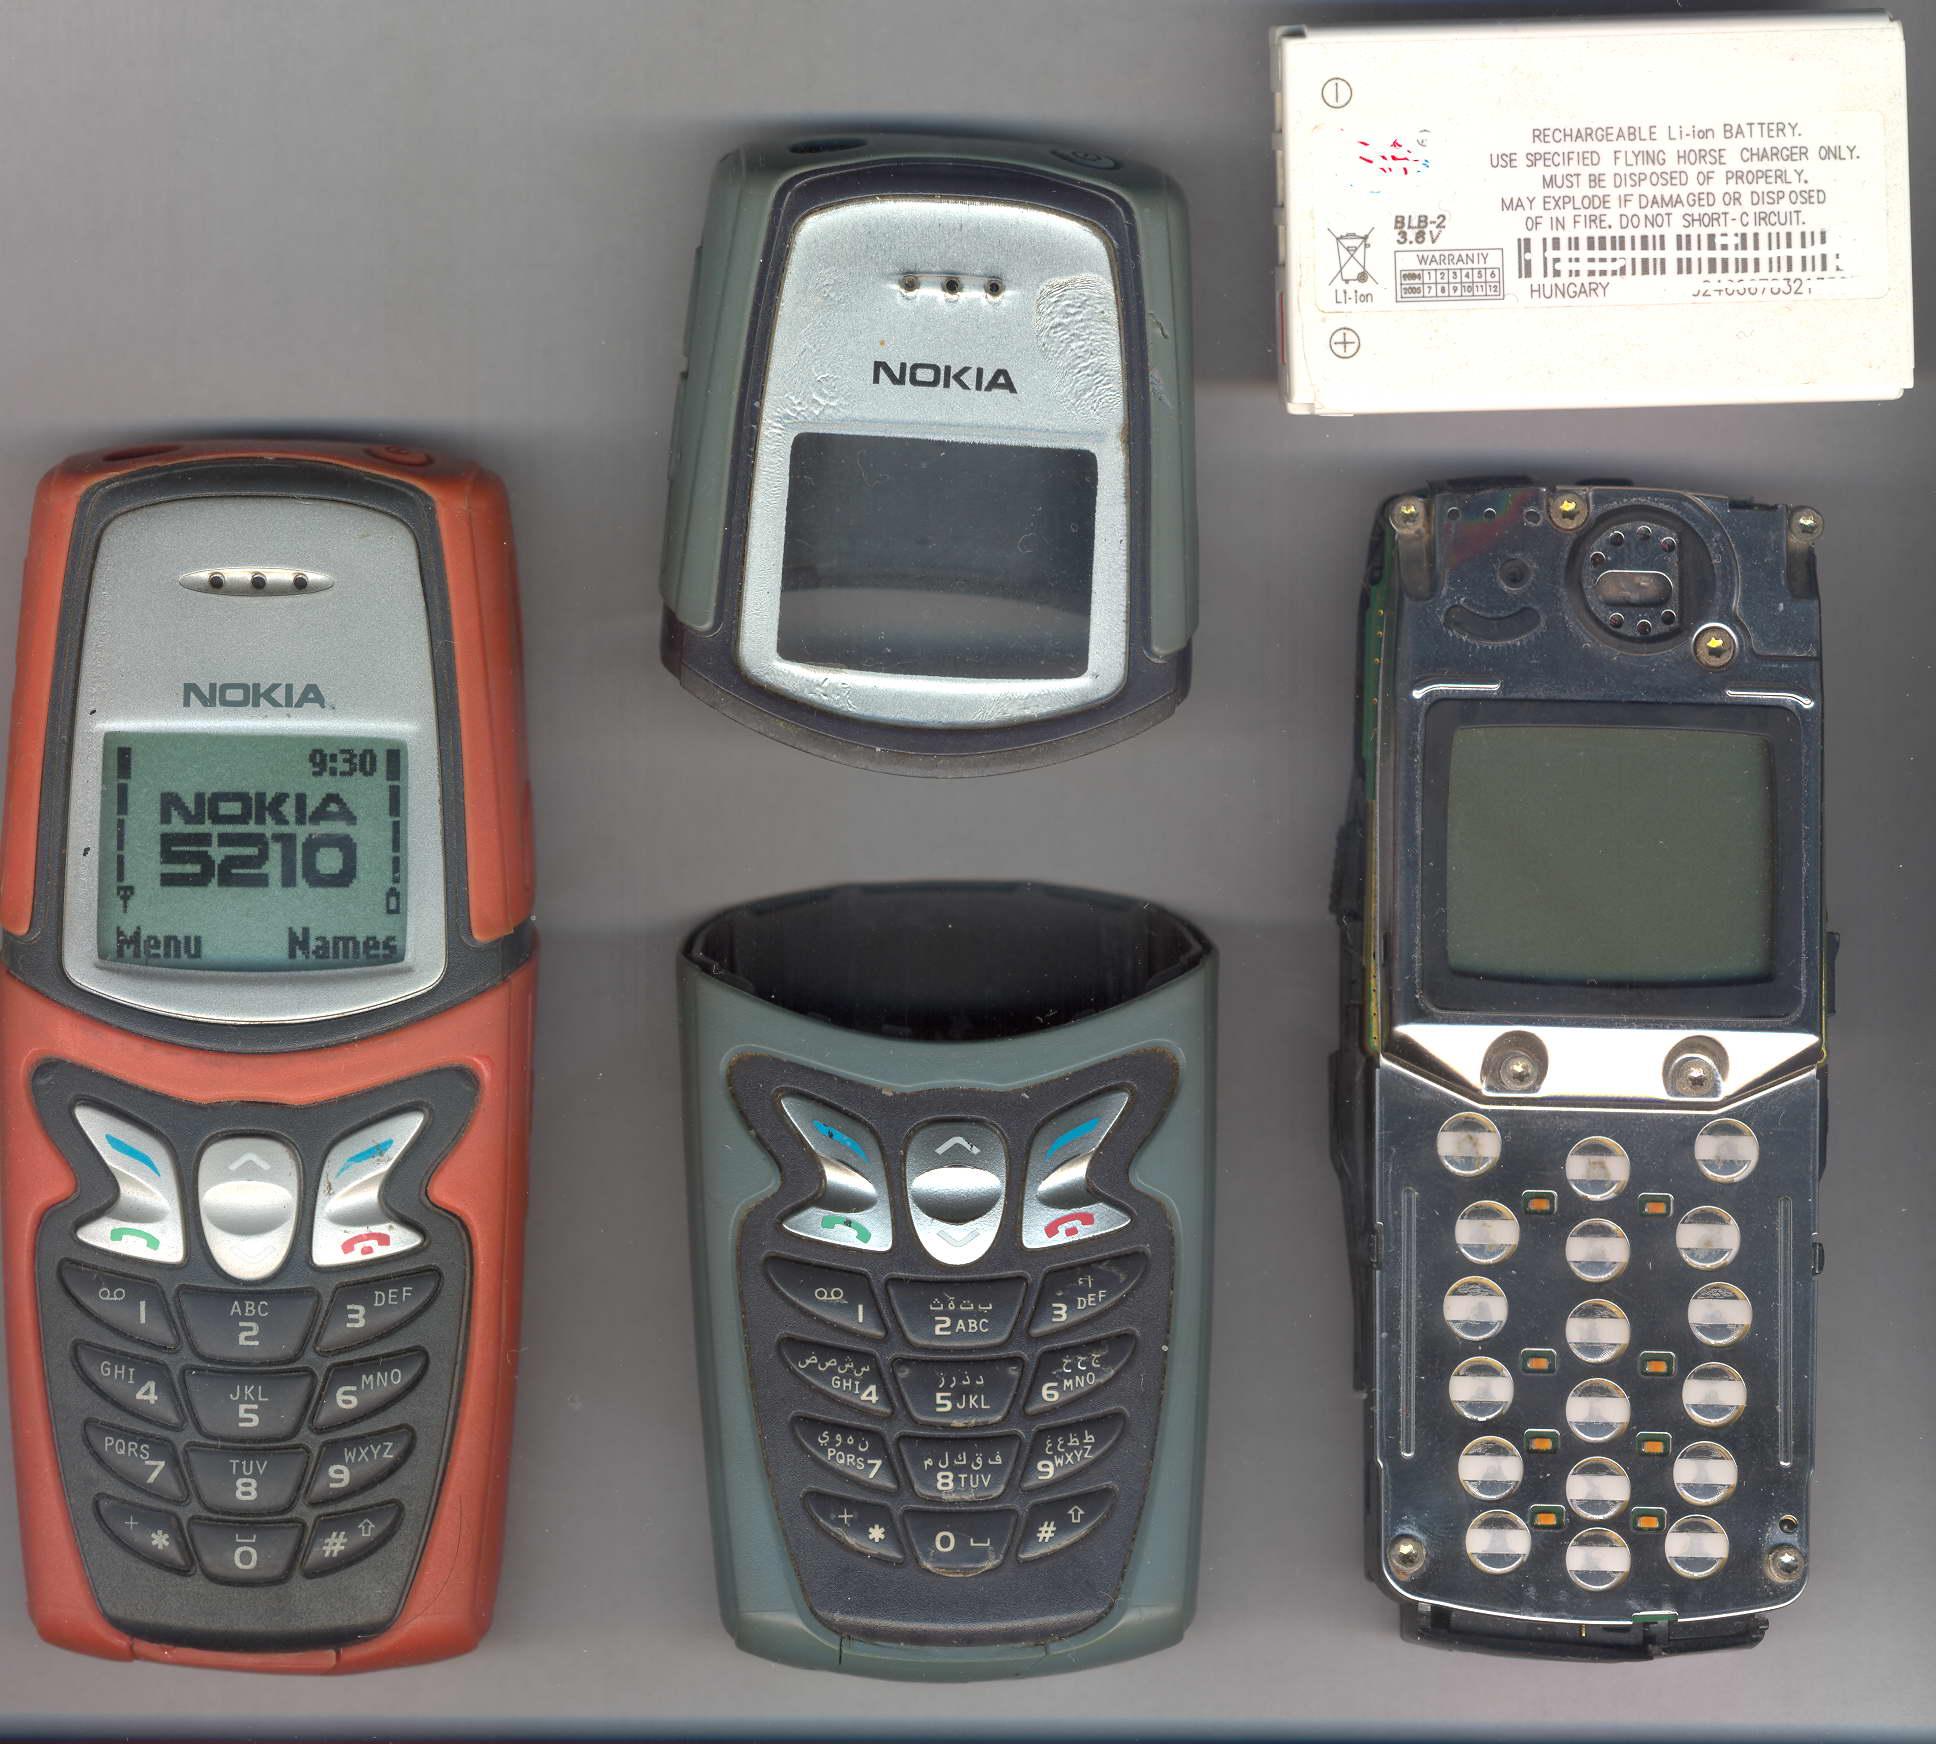 Imagens de telemóveis antigos - Nokia 5210